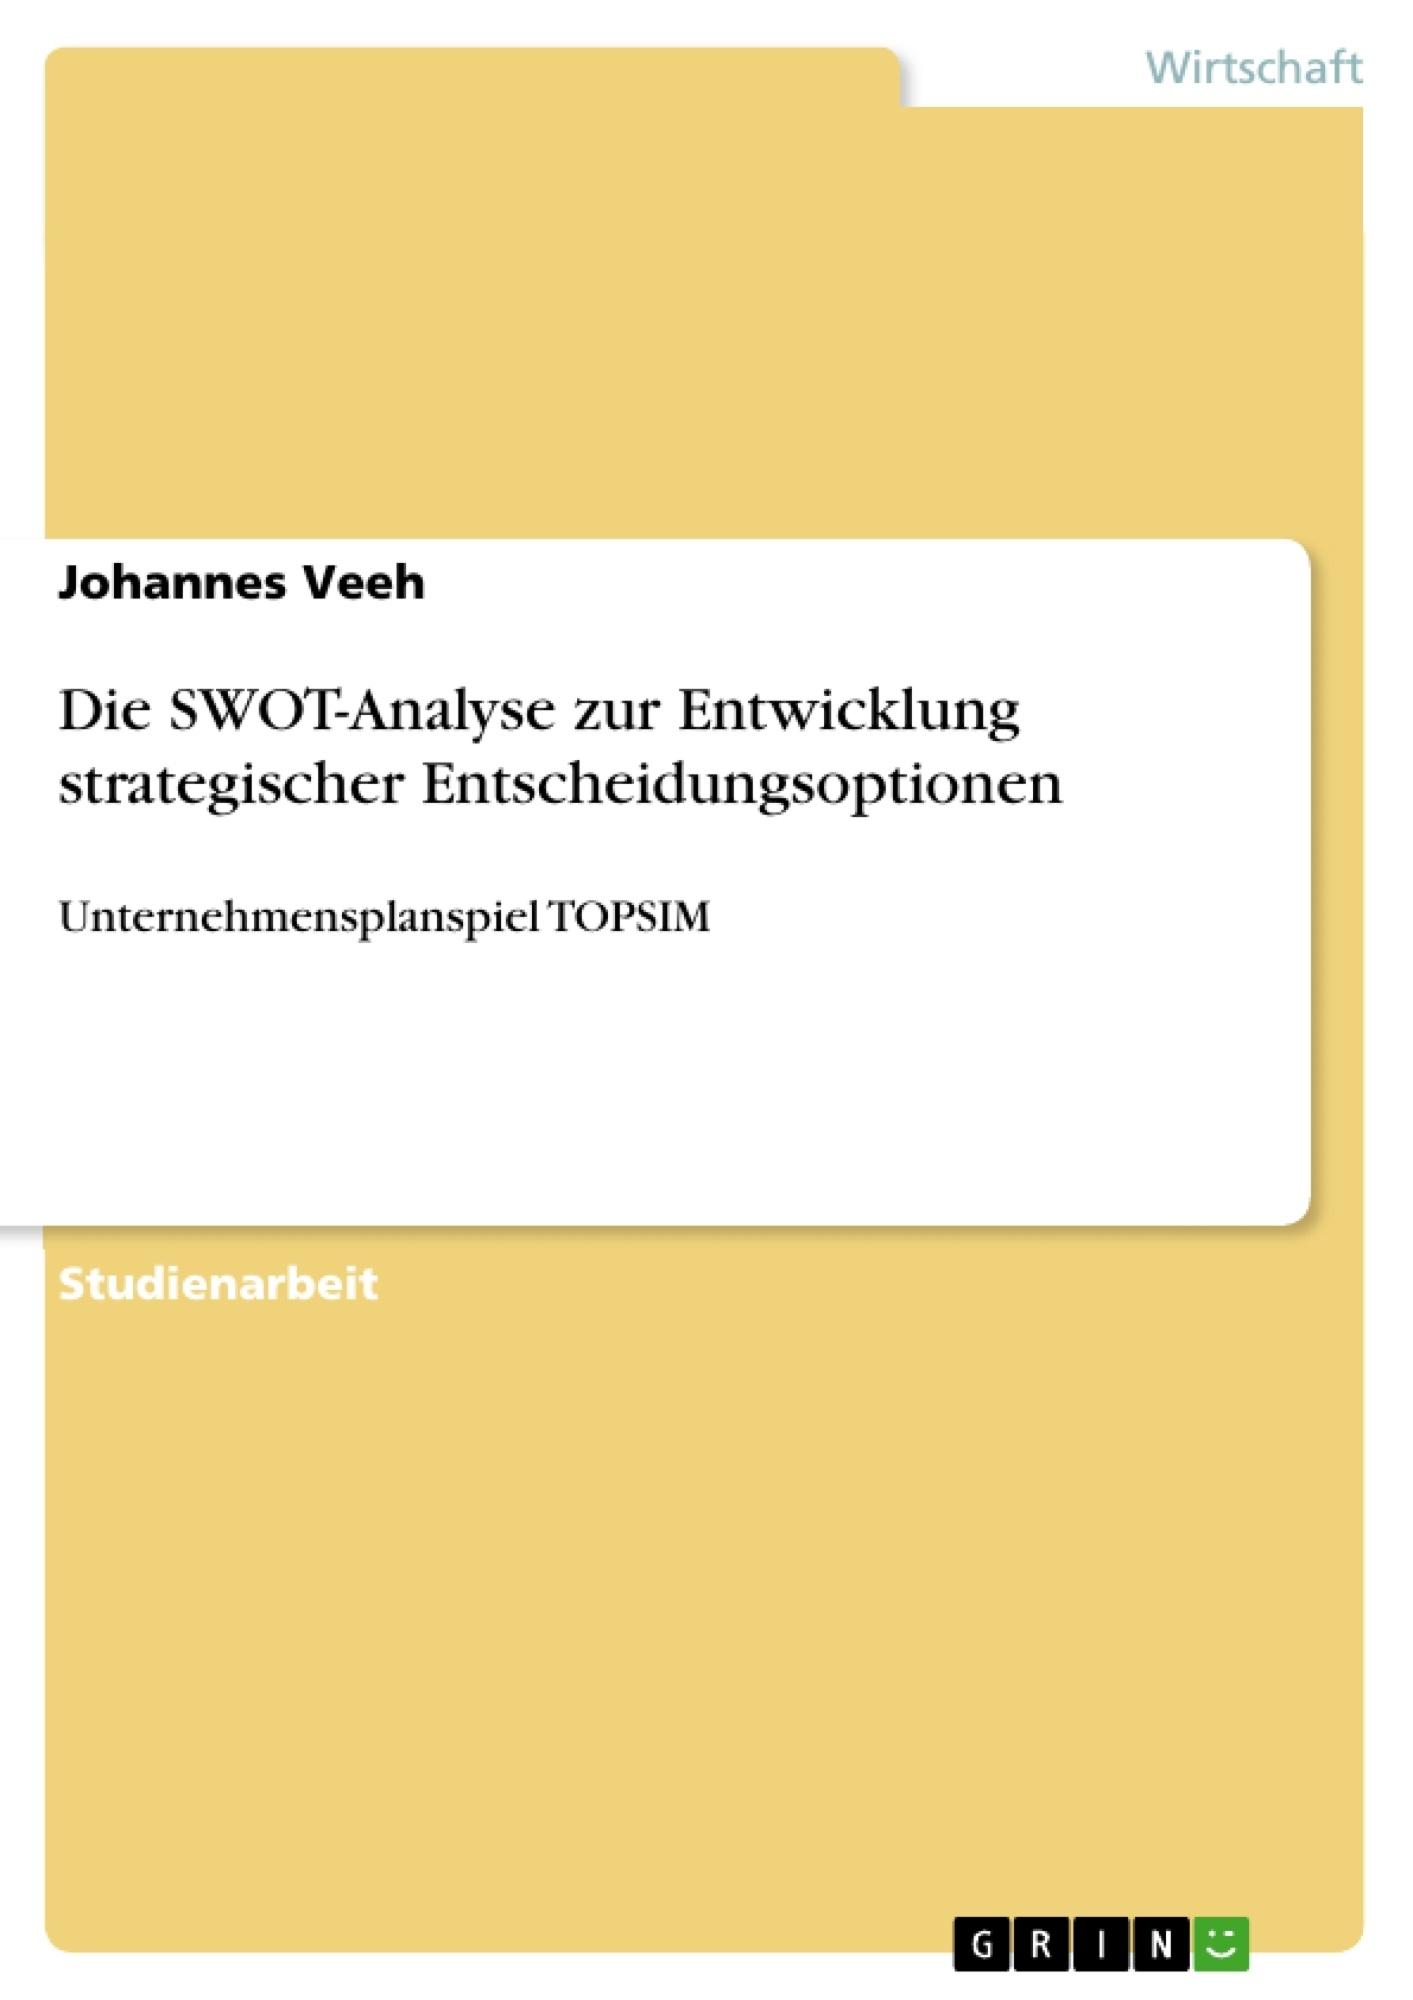 Titel: Die SWOT-Analyse zur Entwicklung strategischer Entscheidungsoptionen